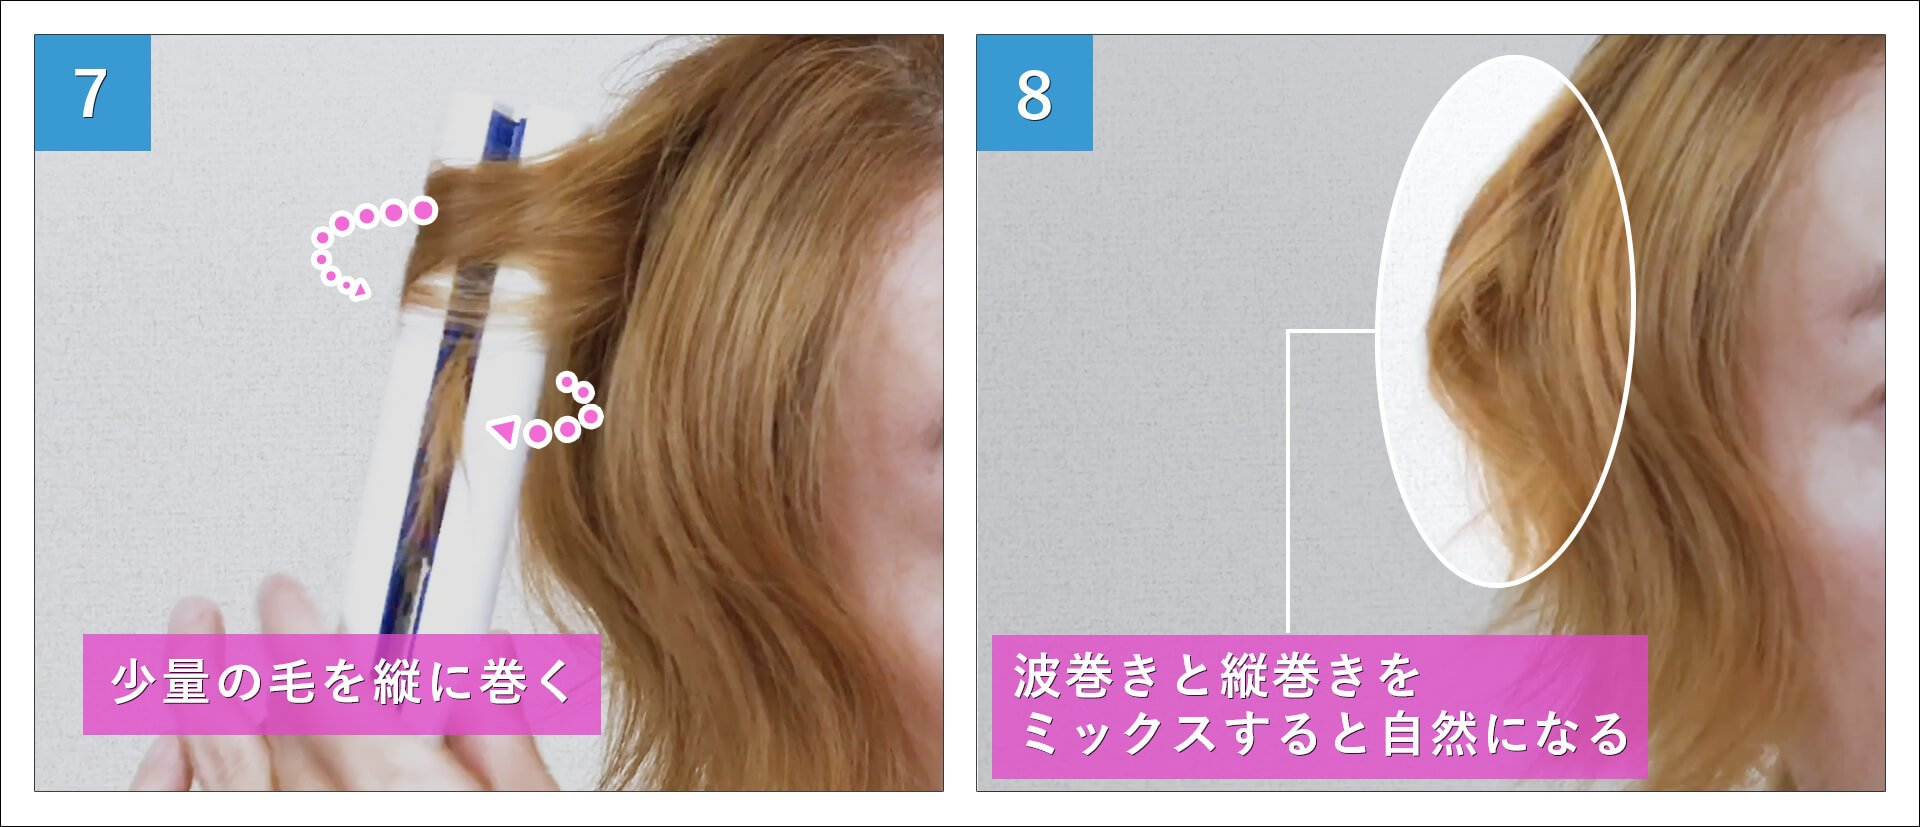 ストレートアイロン 巻き方 自分の髪 波ウェーブ巻き やり方